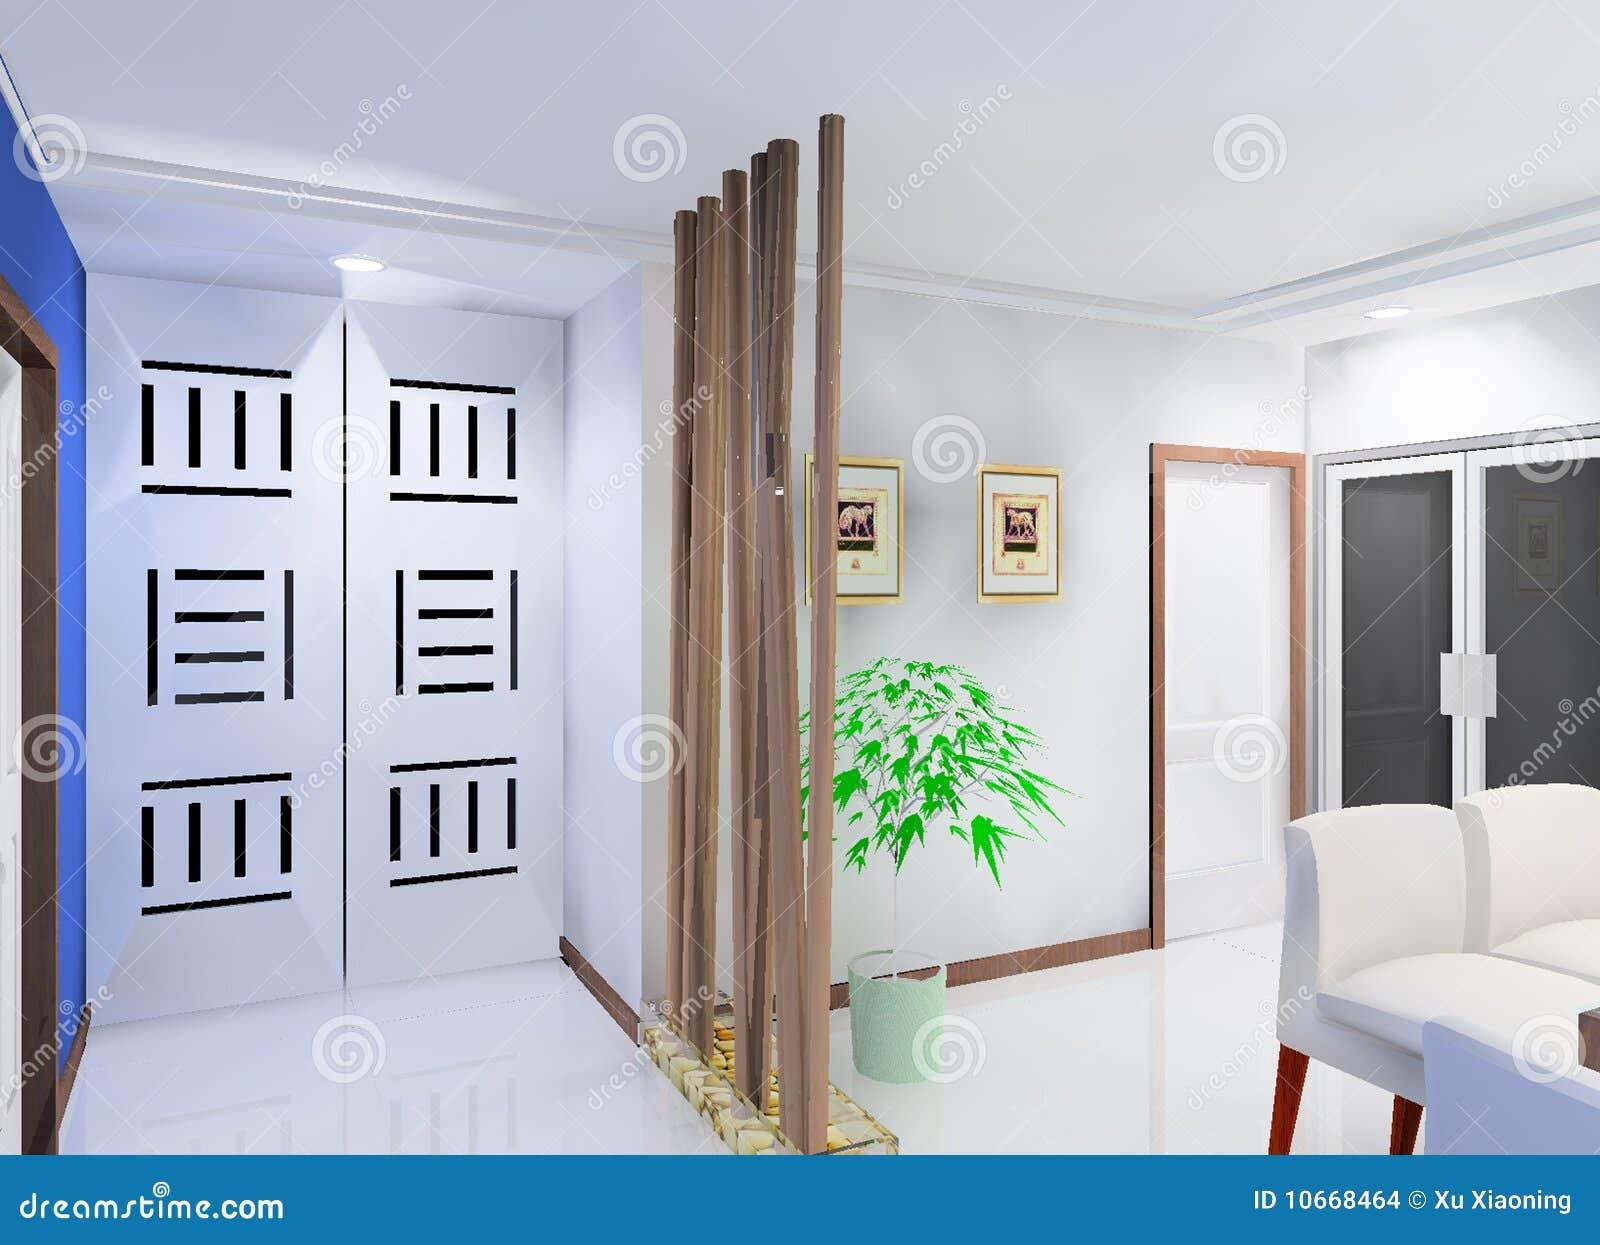 Corridor Design Stock Images Image 10668464